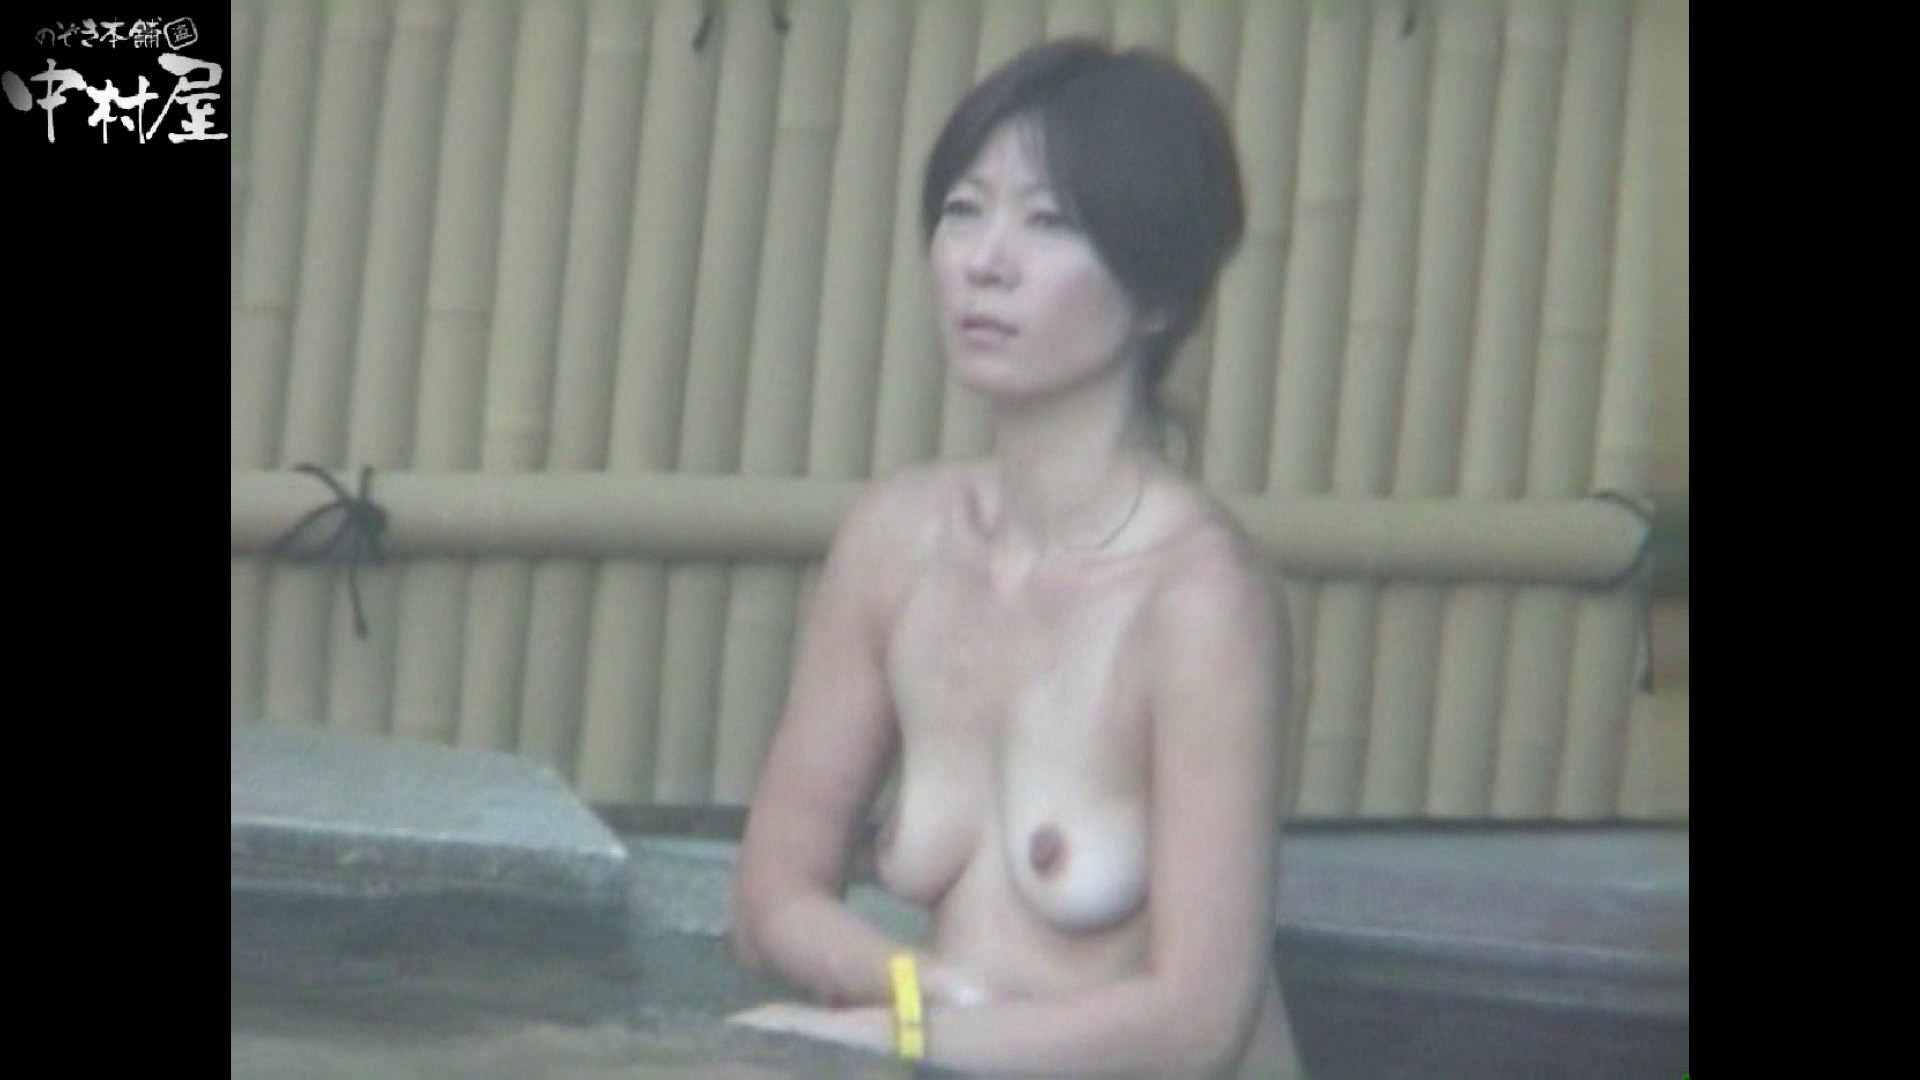 Aquaな露天風呂Vol.972 露天風呂 | 盗撮動画  9枚 9